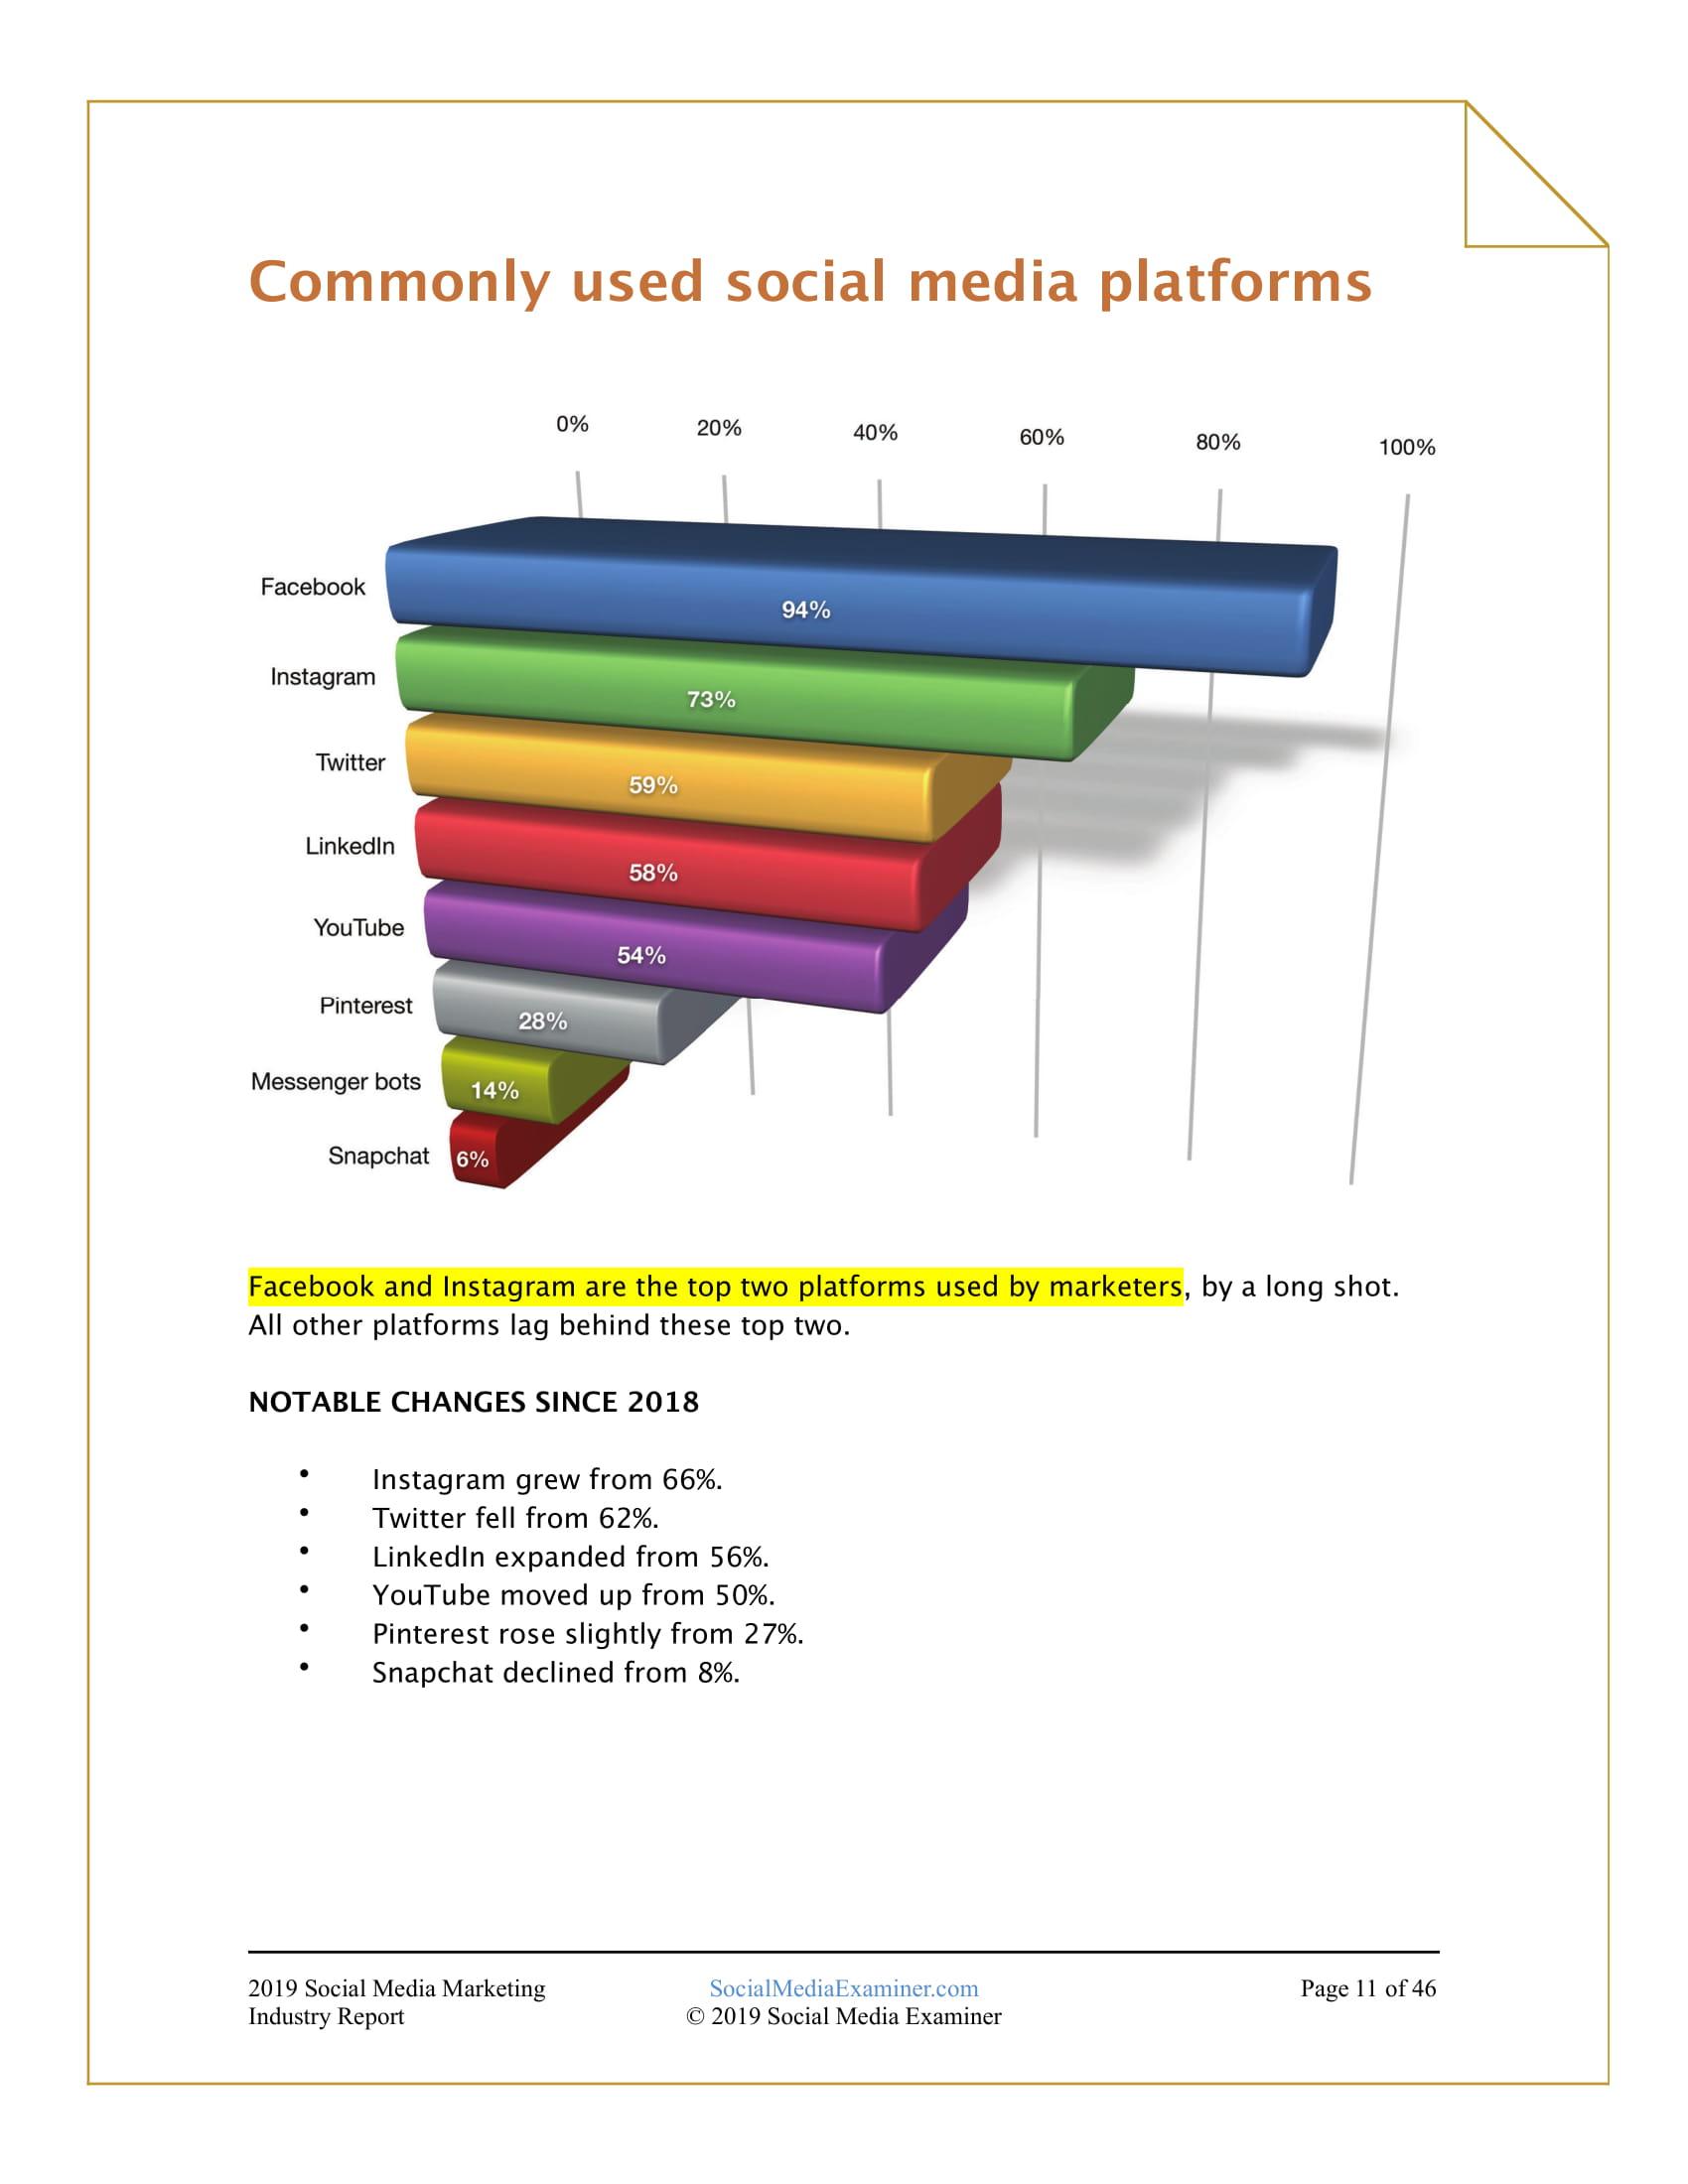 SME:2019年社交媒体营销行业报告-CNMOAD 中文移动营销资讯 11